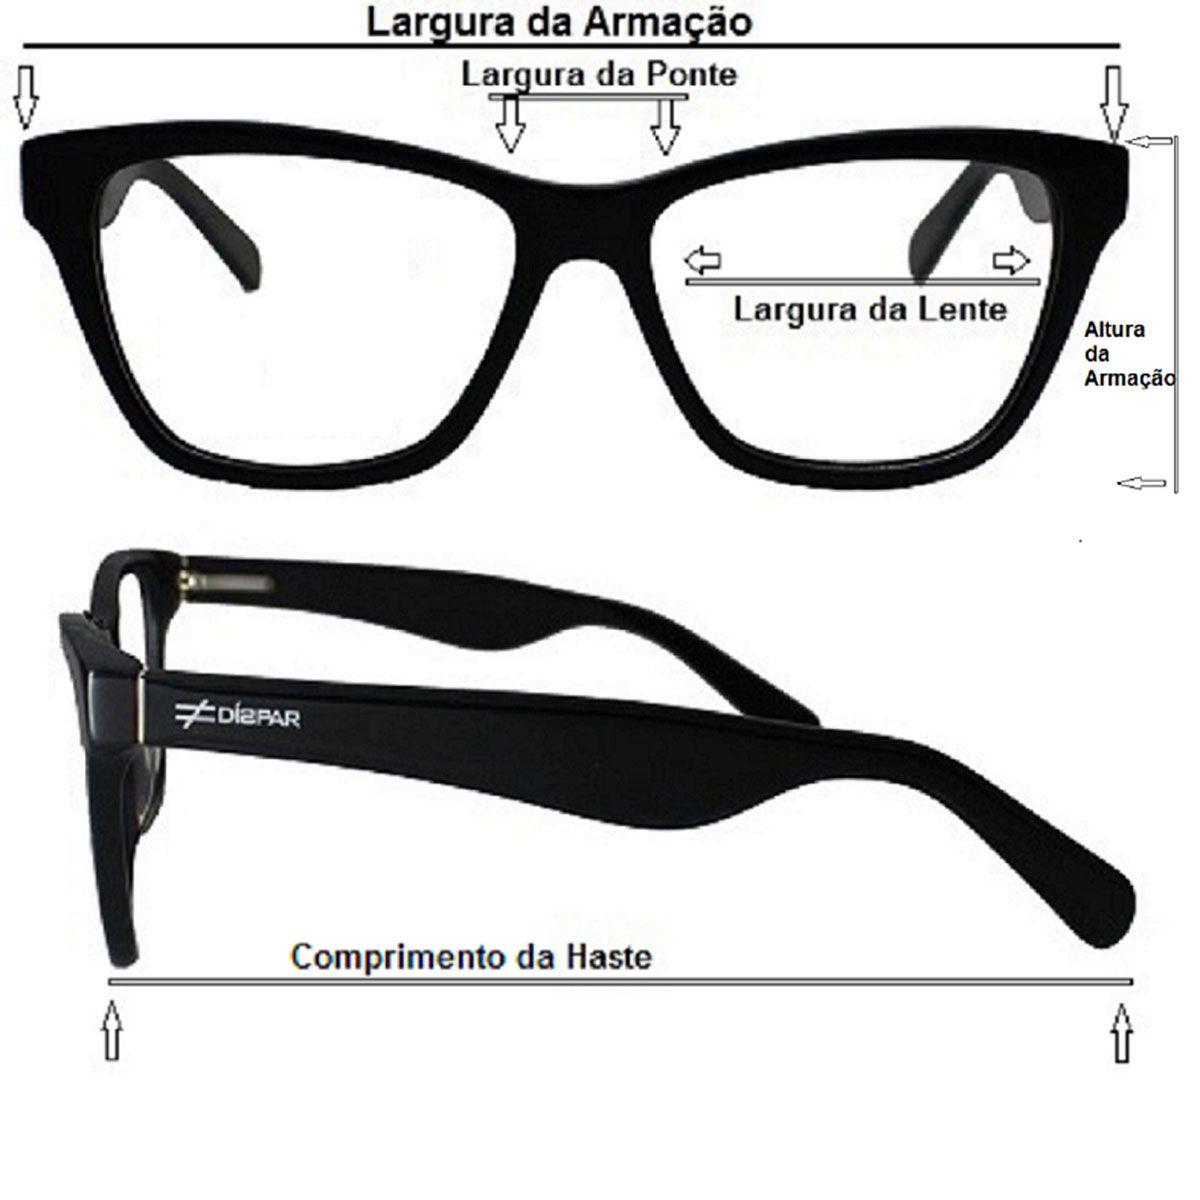 Armação para Óculos Díspar D2025 - Cobre